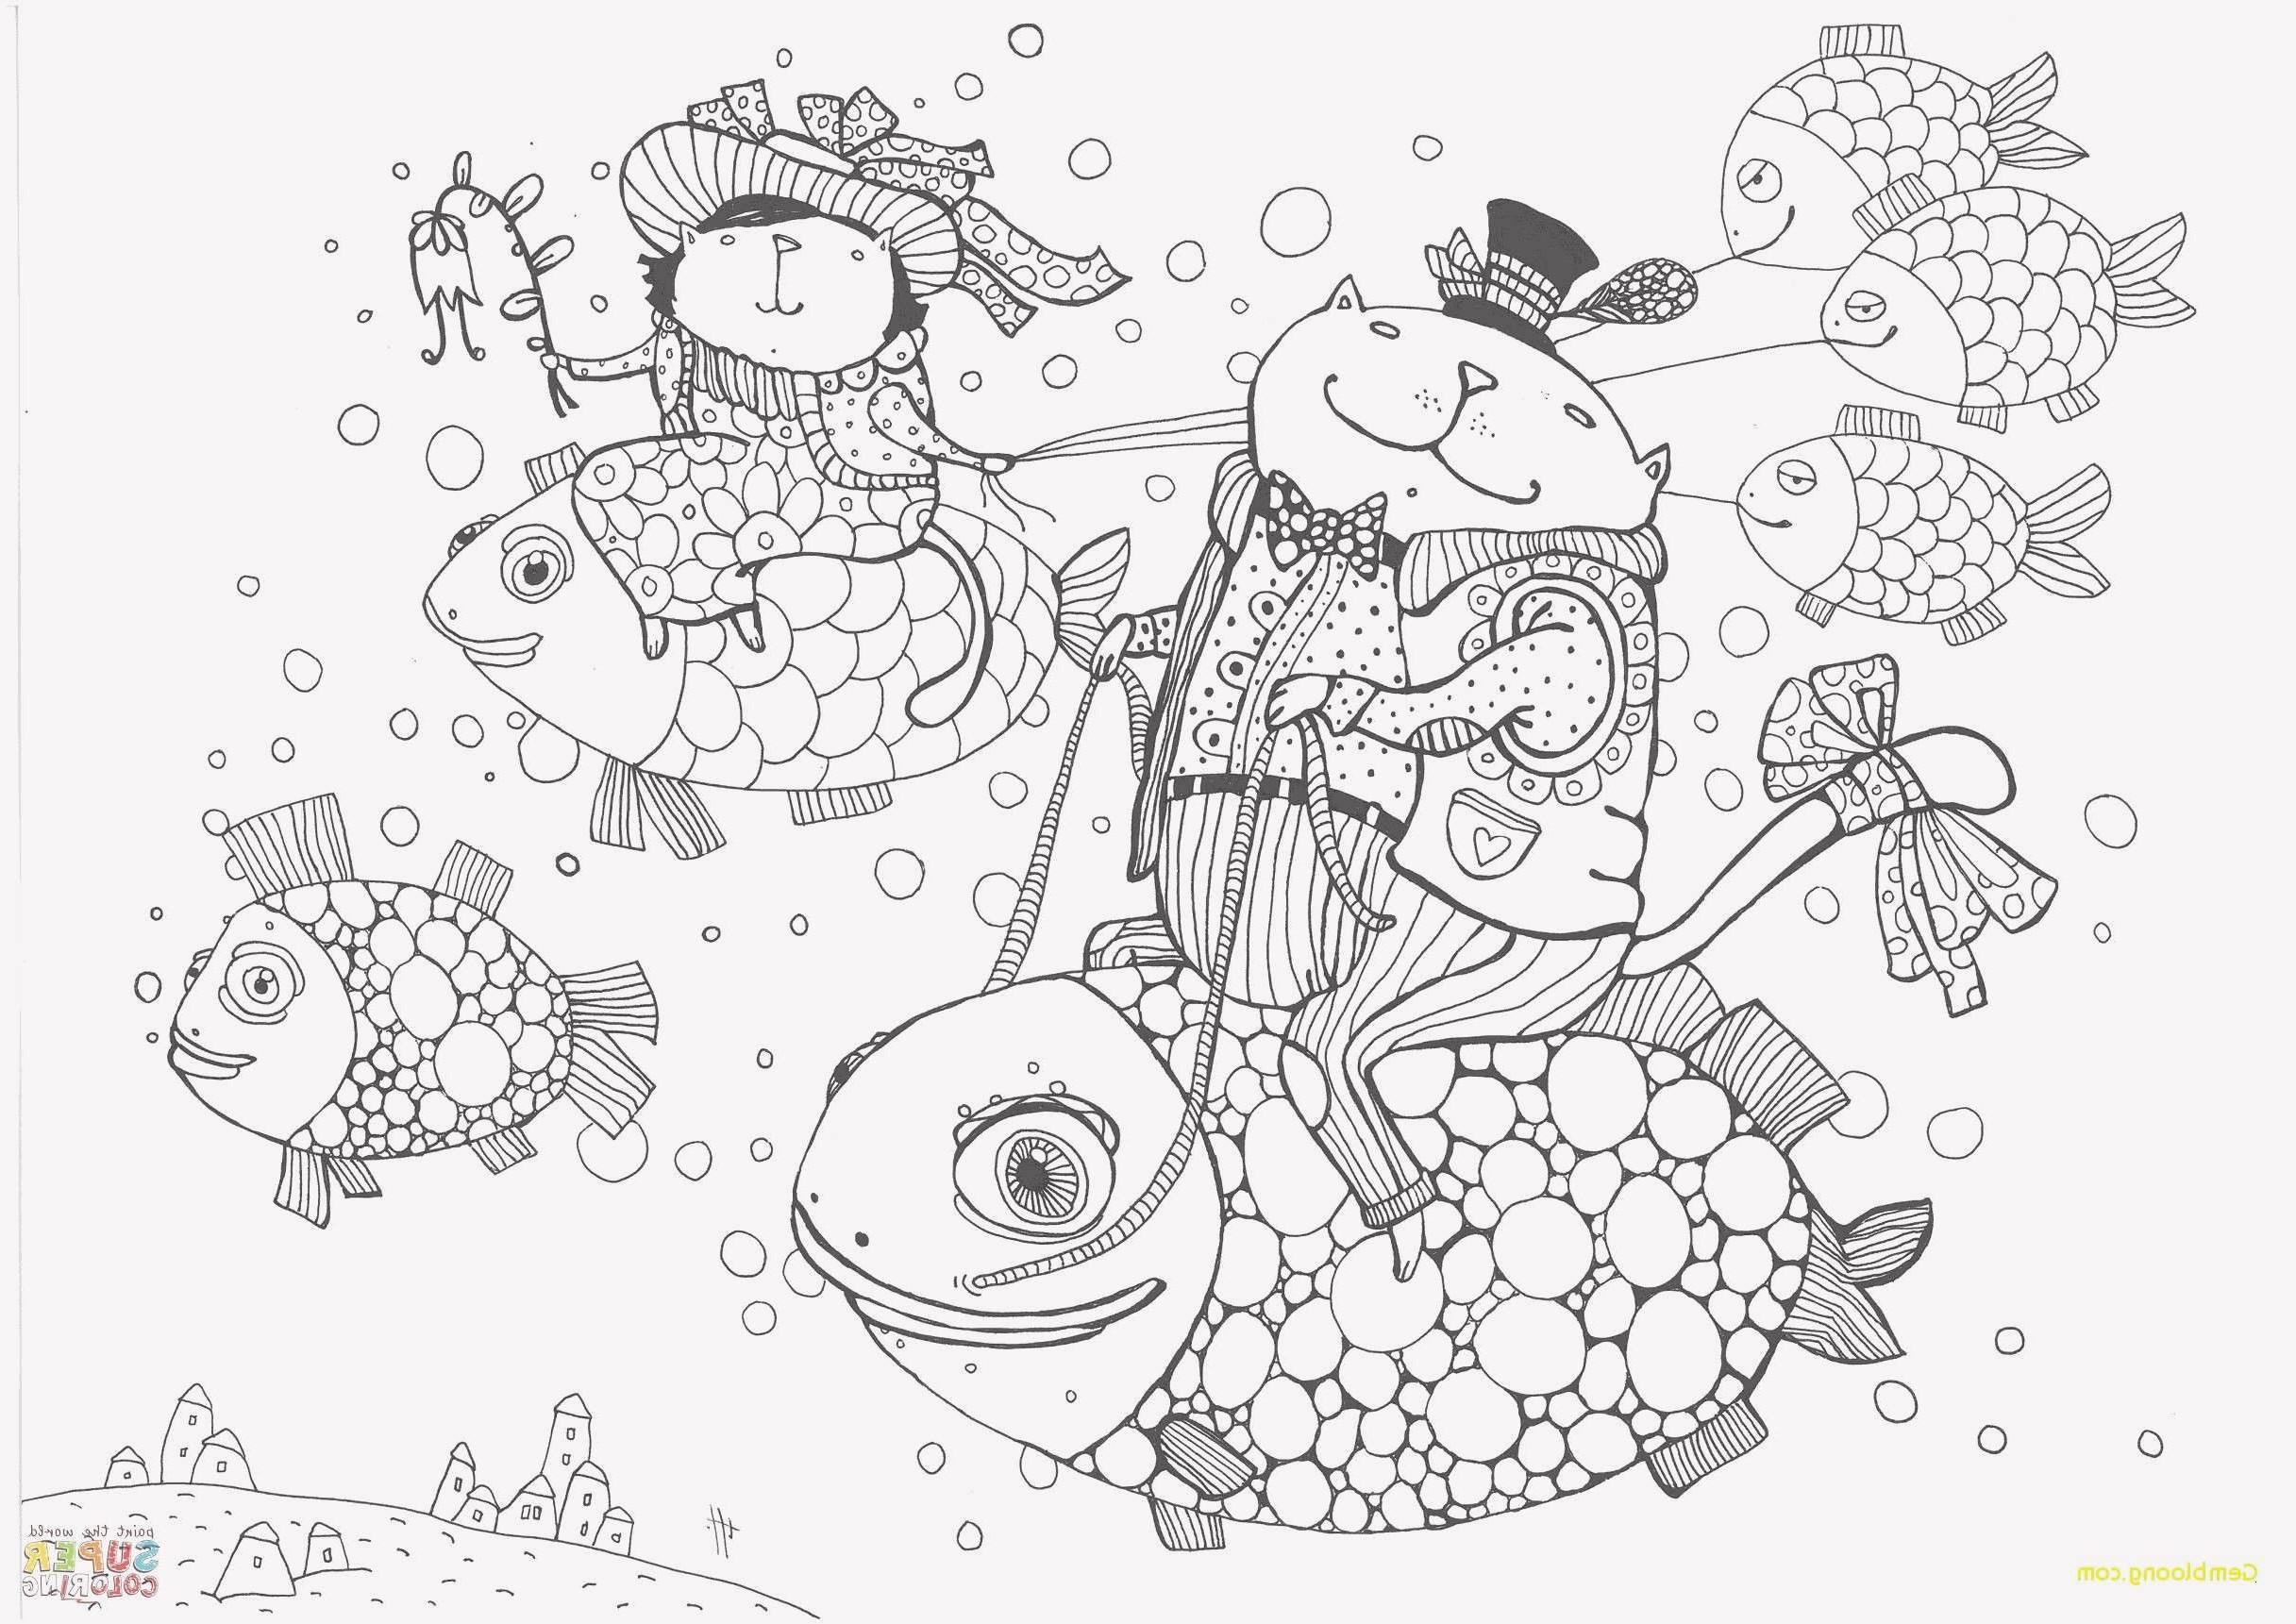 Motorrad Zeichnung Zum Ausmalen Genial 31 Frisch Einhorn Ausmalbilder – Malvorlagen Ideen Fotografieren